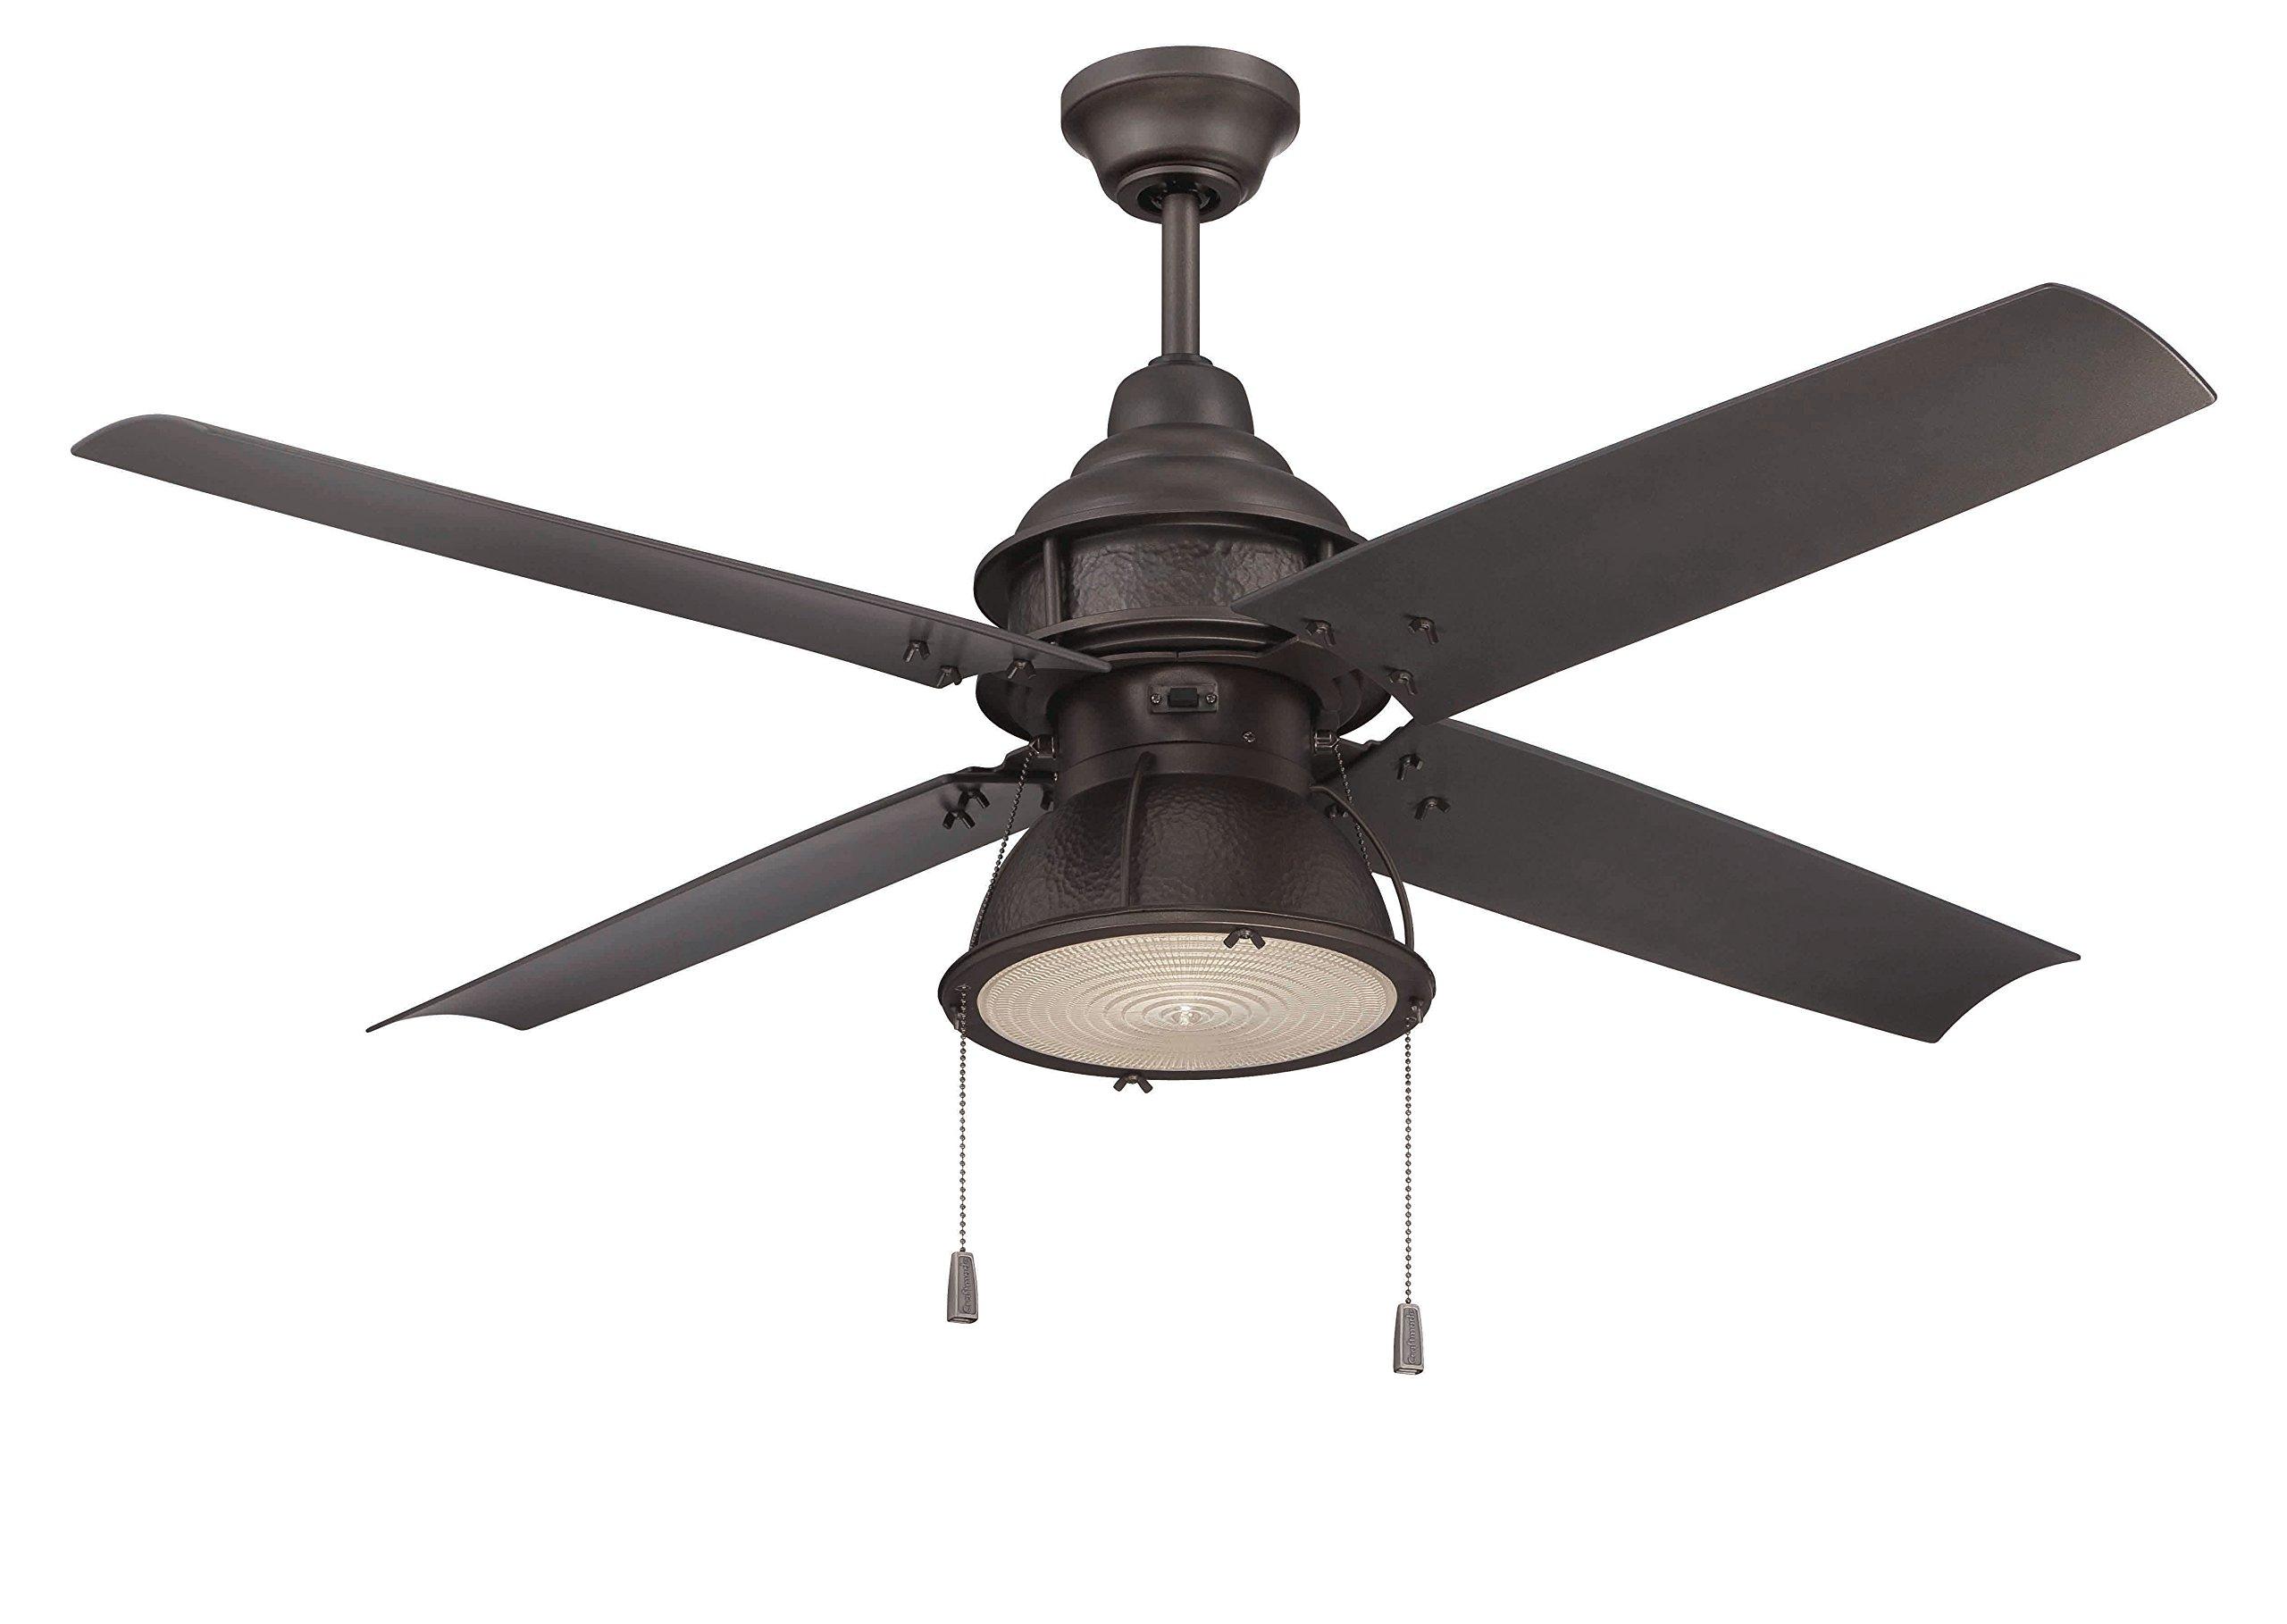 Craftmade Outdoor Ceiling Fan with CFL Light PAR52ESP4 Port Arbor 4 Blade 52 Inch Wet for Patio, Espresso